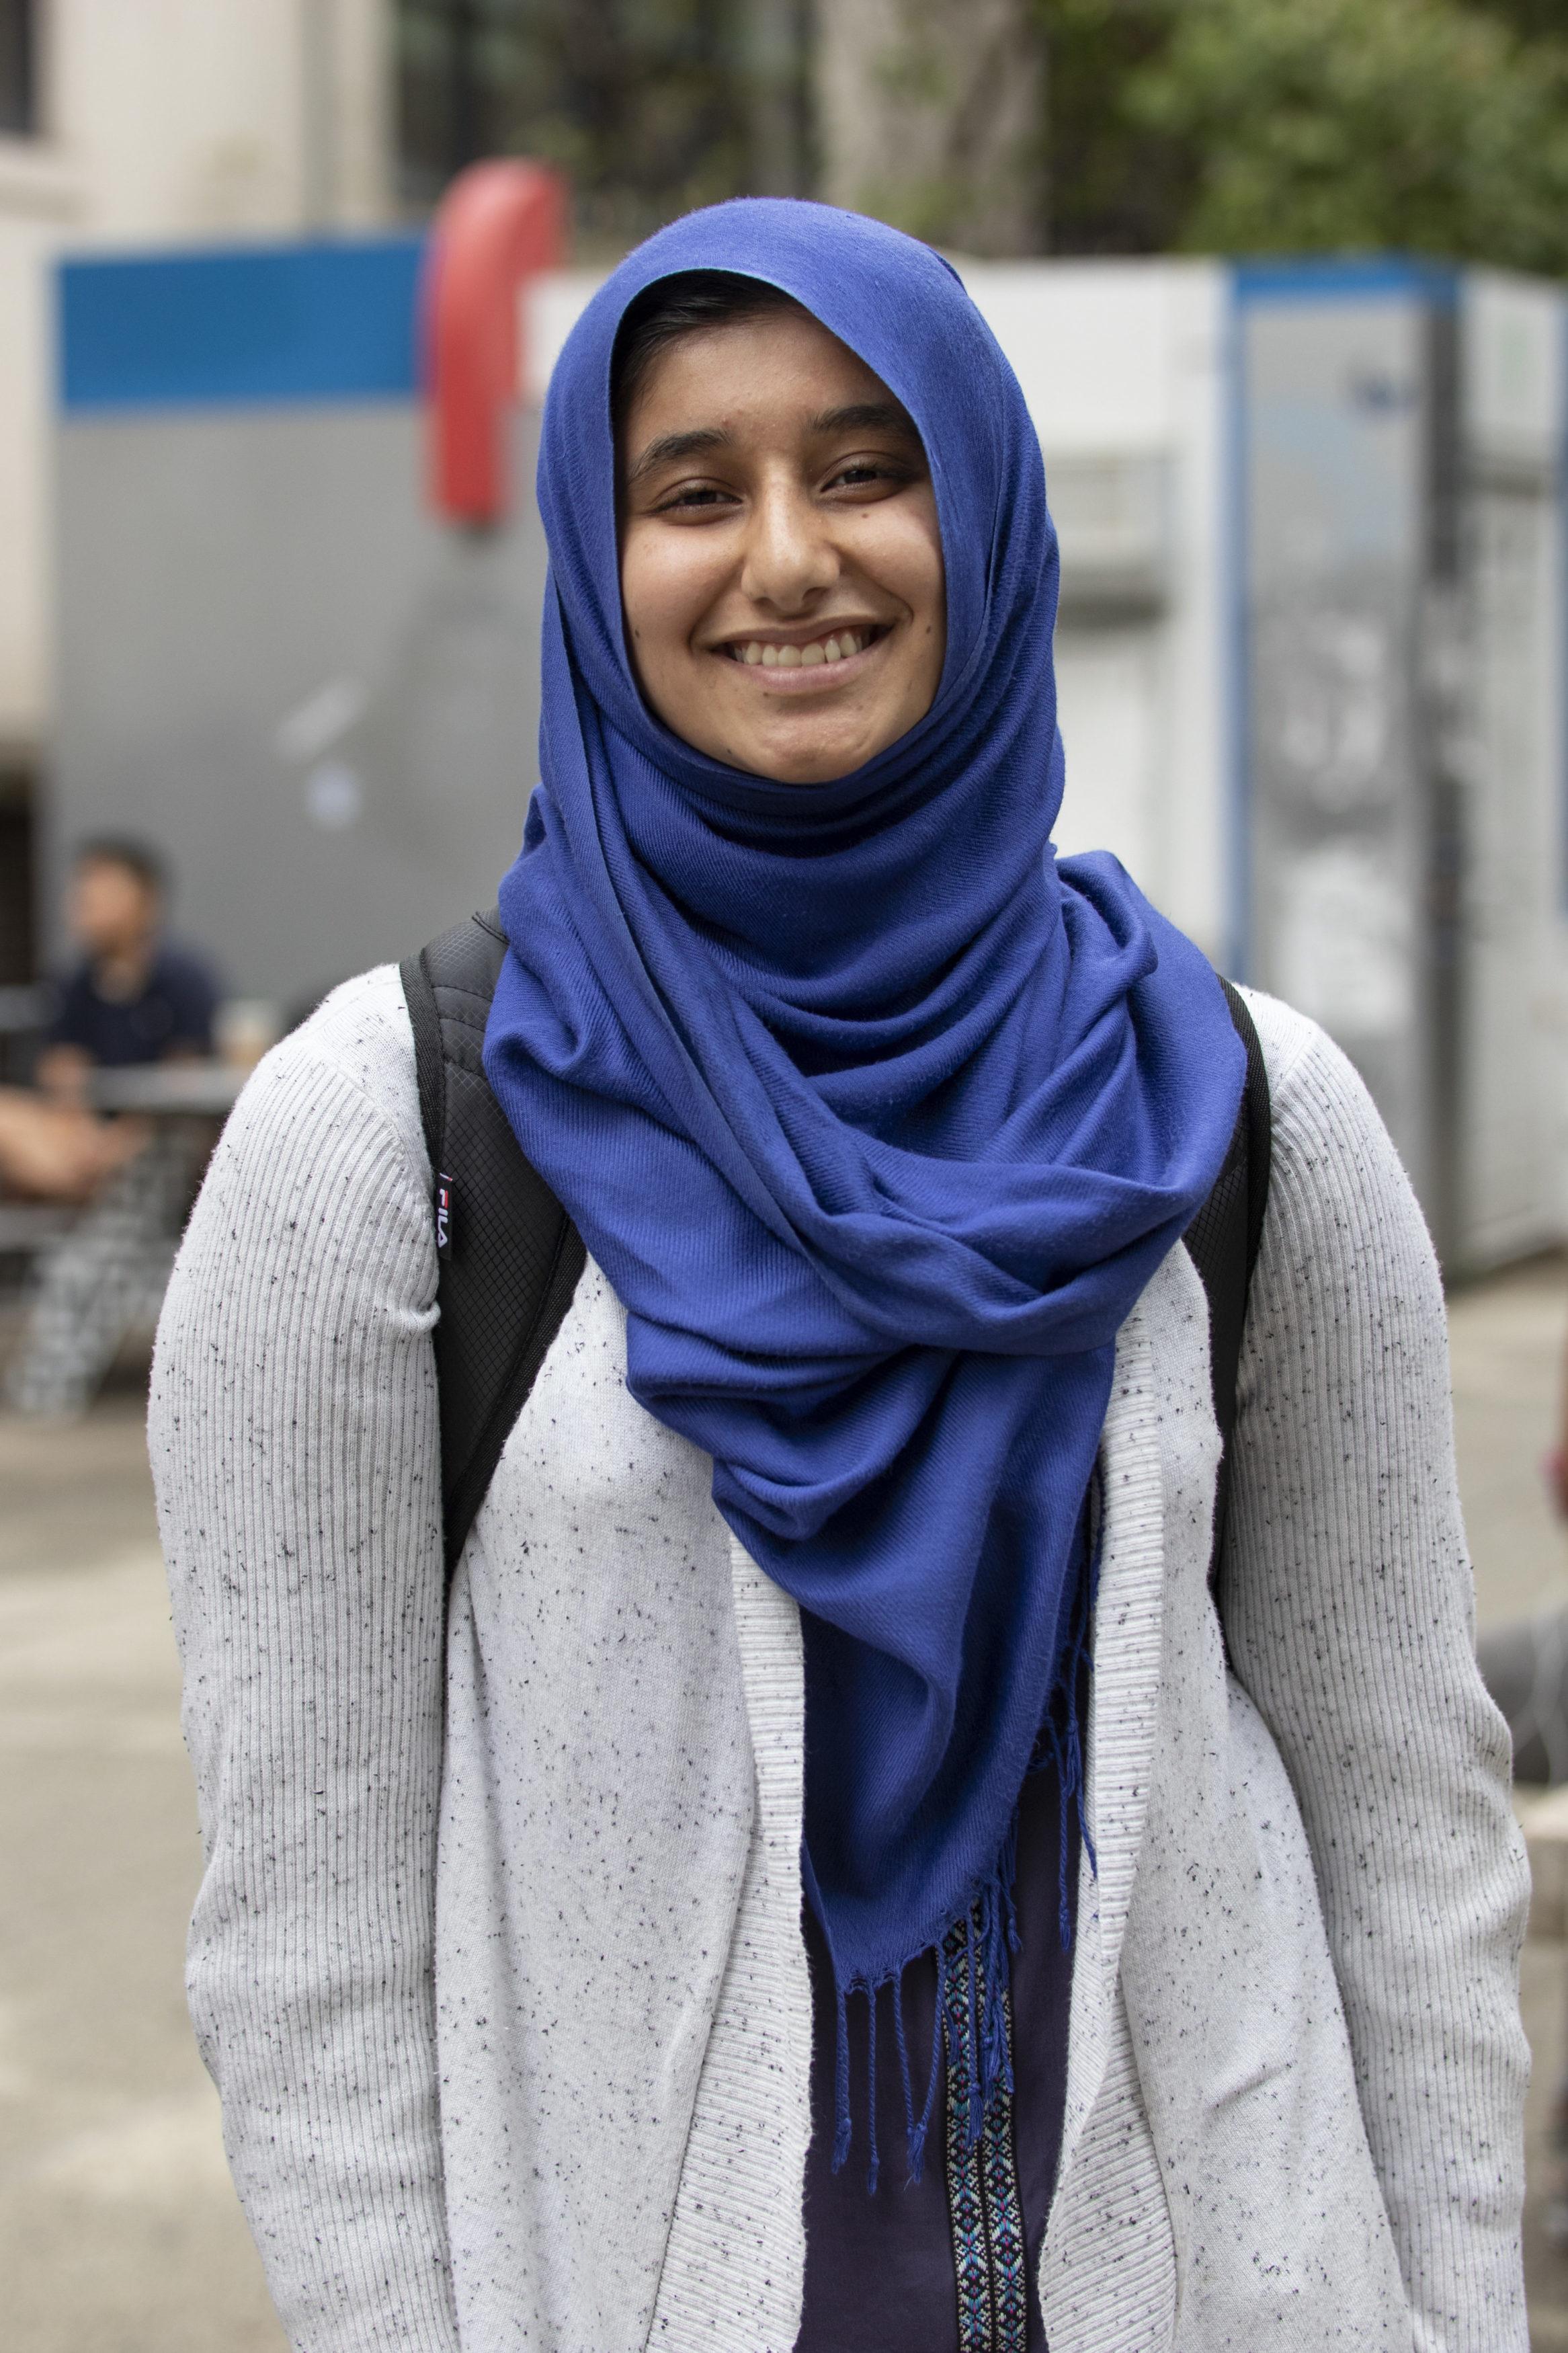 Cea mai mare țară musulmană din lume a interzis vălul islamic obligatoriu în școli